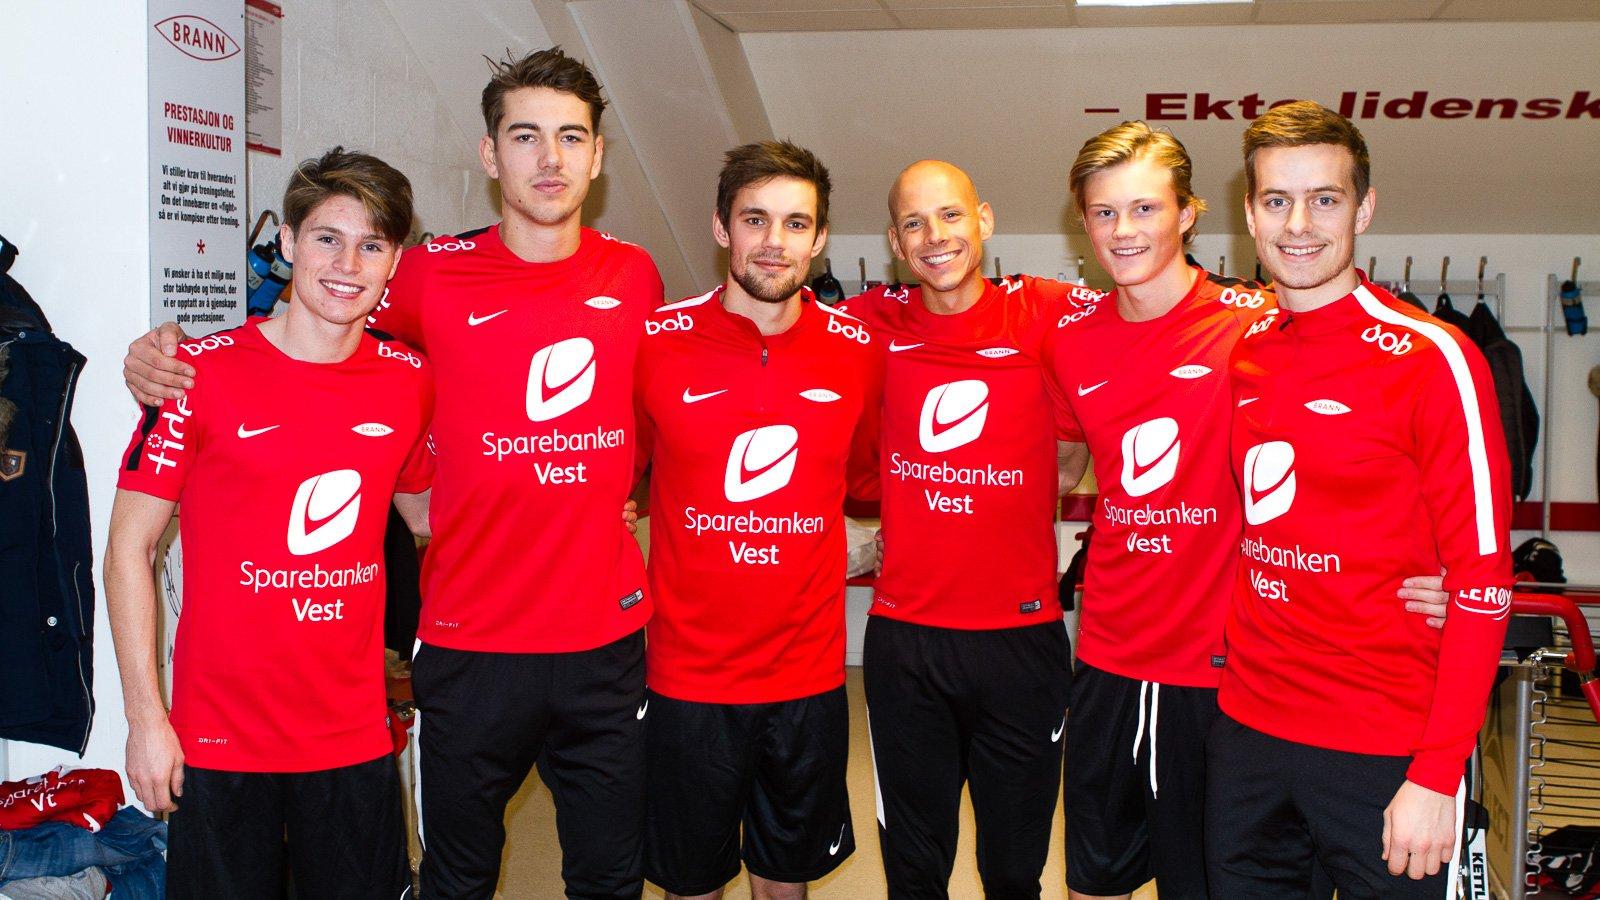 Prøving: Kasper Skaanes, Fredrik Pallesen Knudsen, Remi Johansen, Ruben Kristiansen, Halldor Stenevik og Jonas Grønner prøver ut nytt Nike-treningstøy.